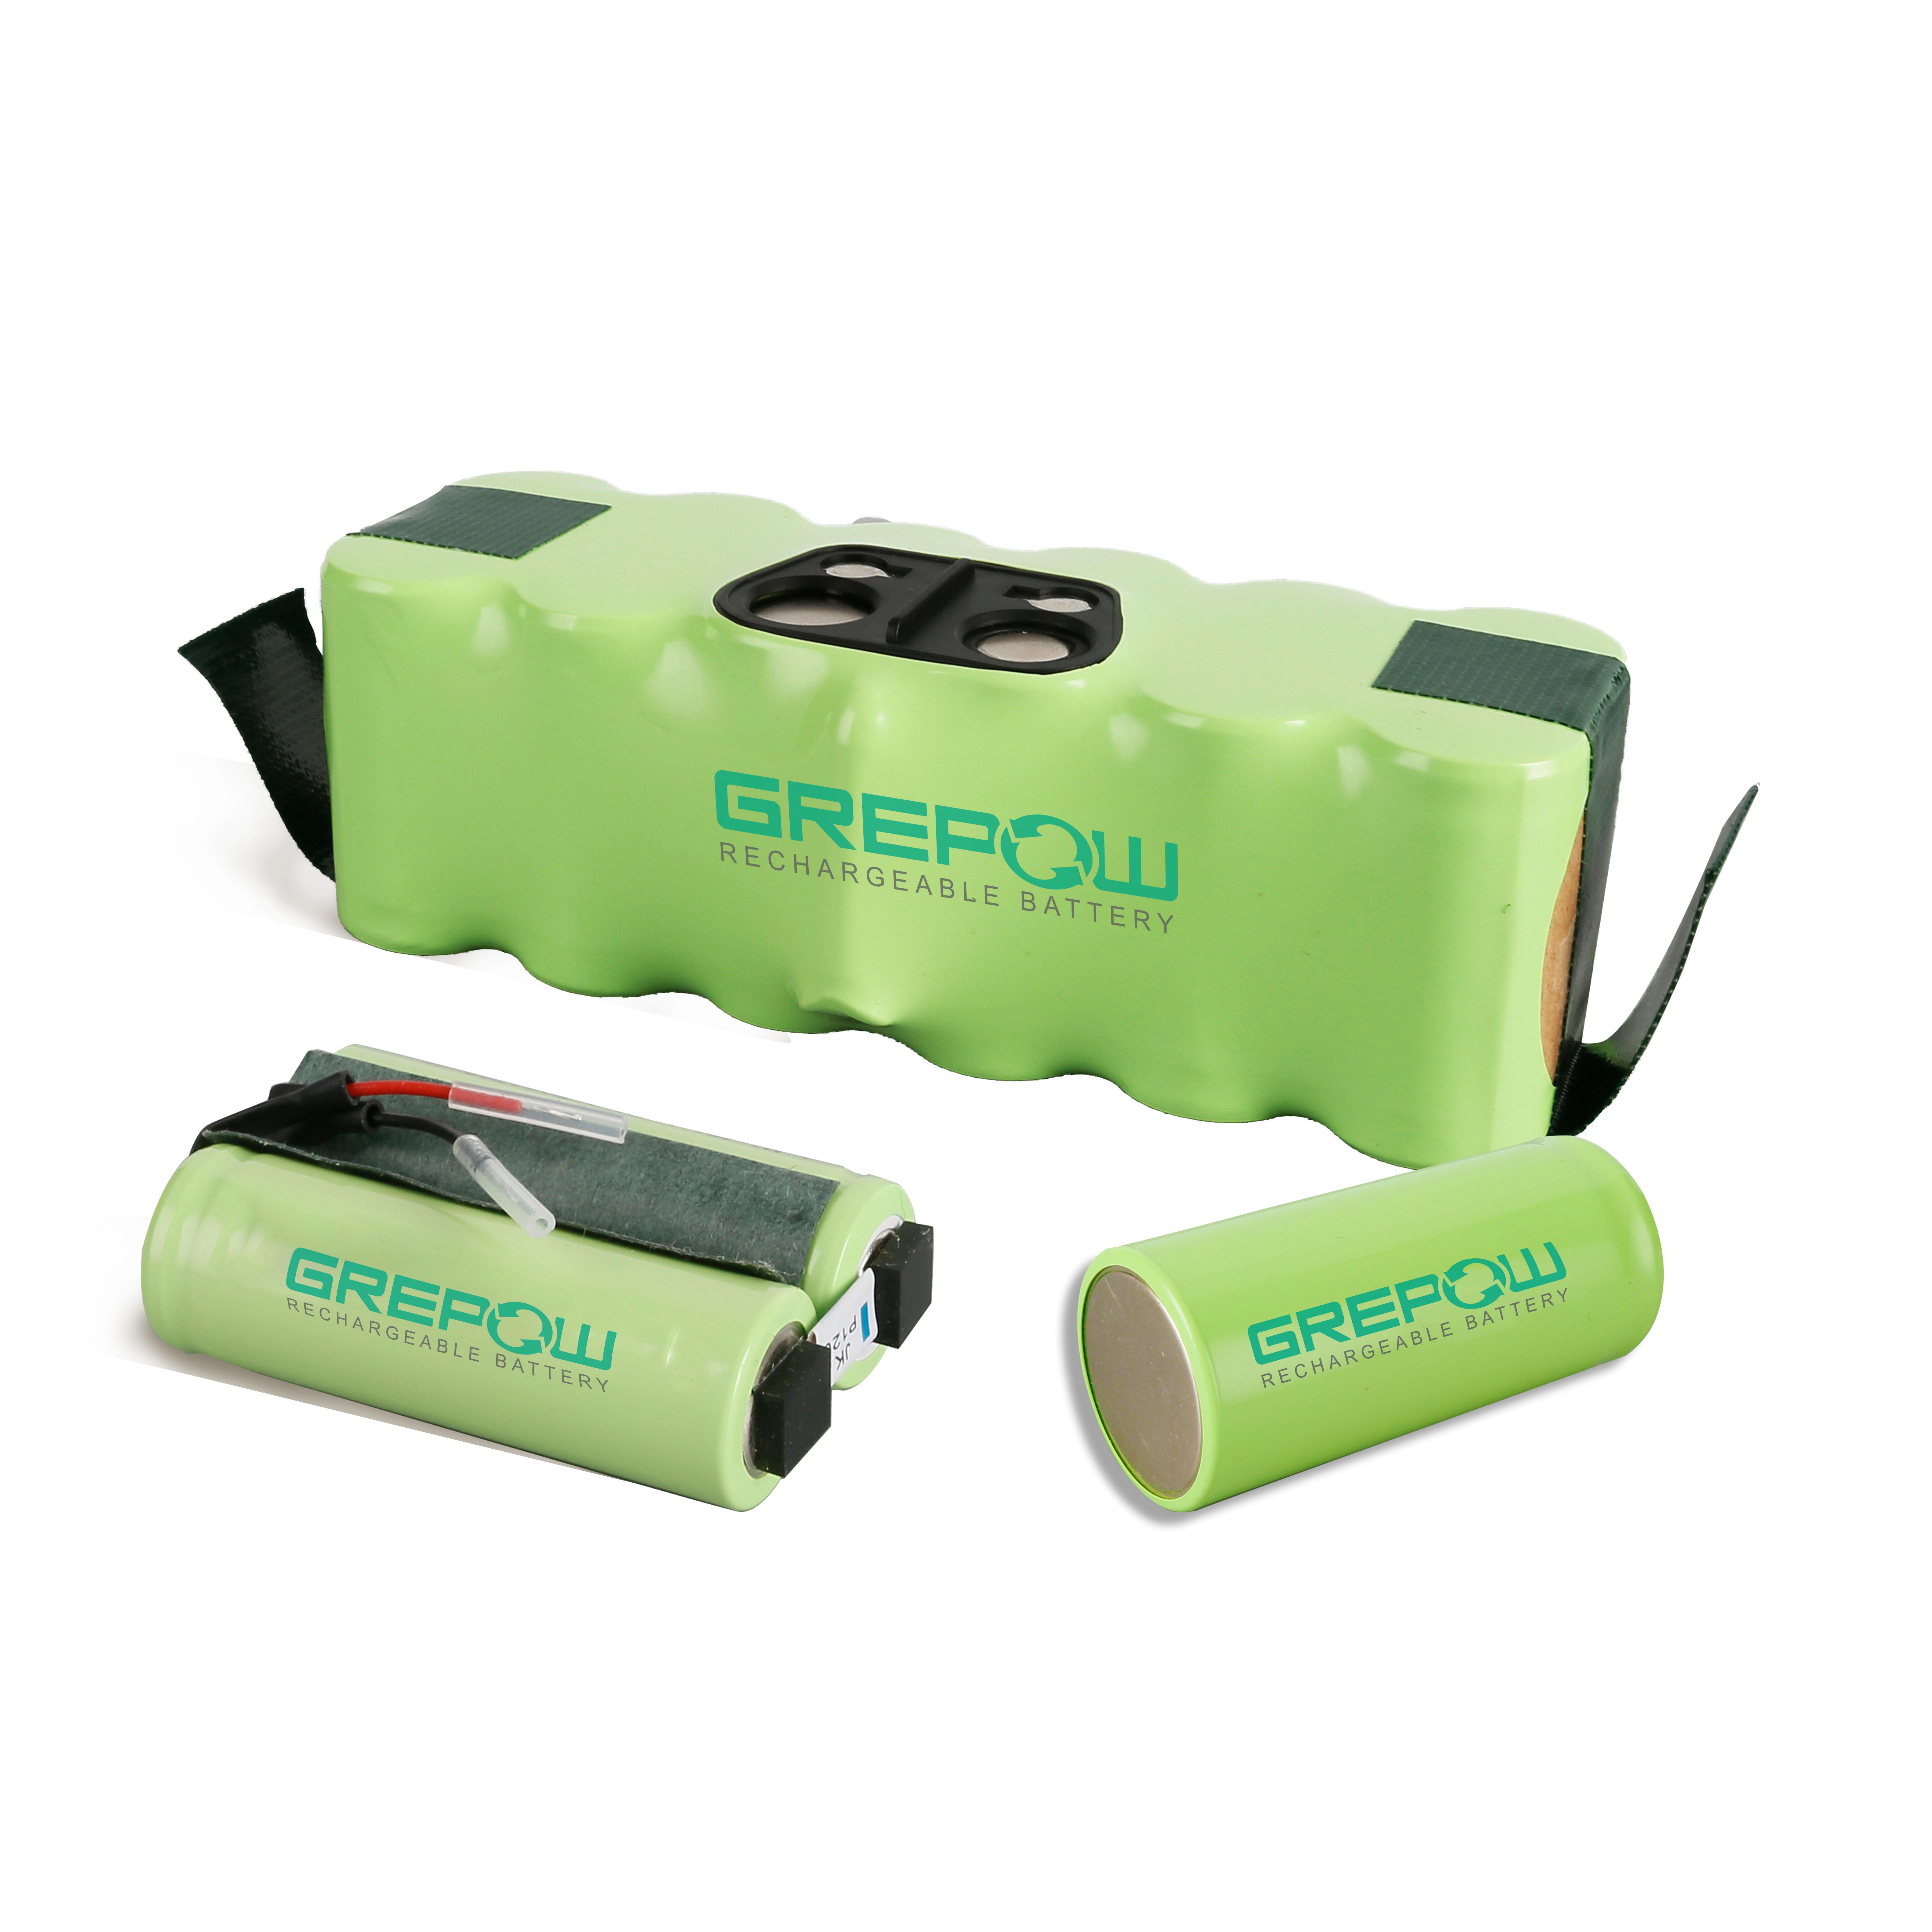 Roomba 系列扫地机器人电池